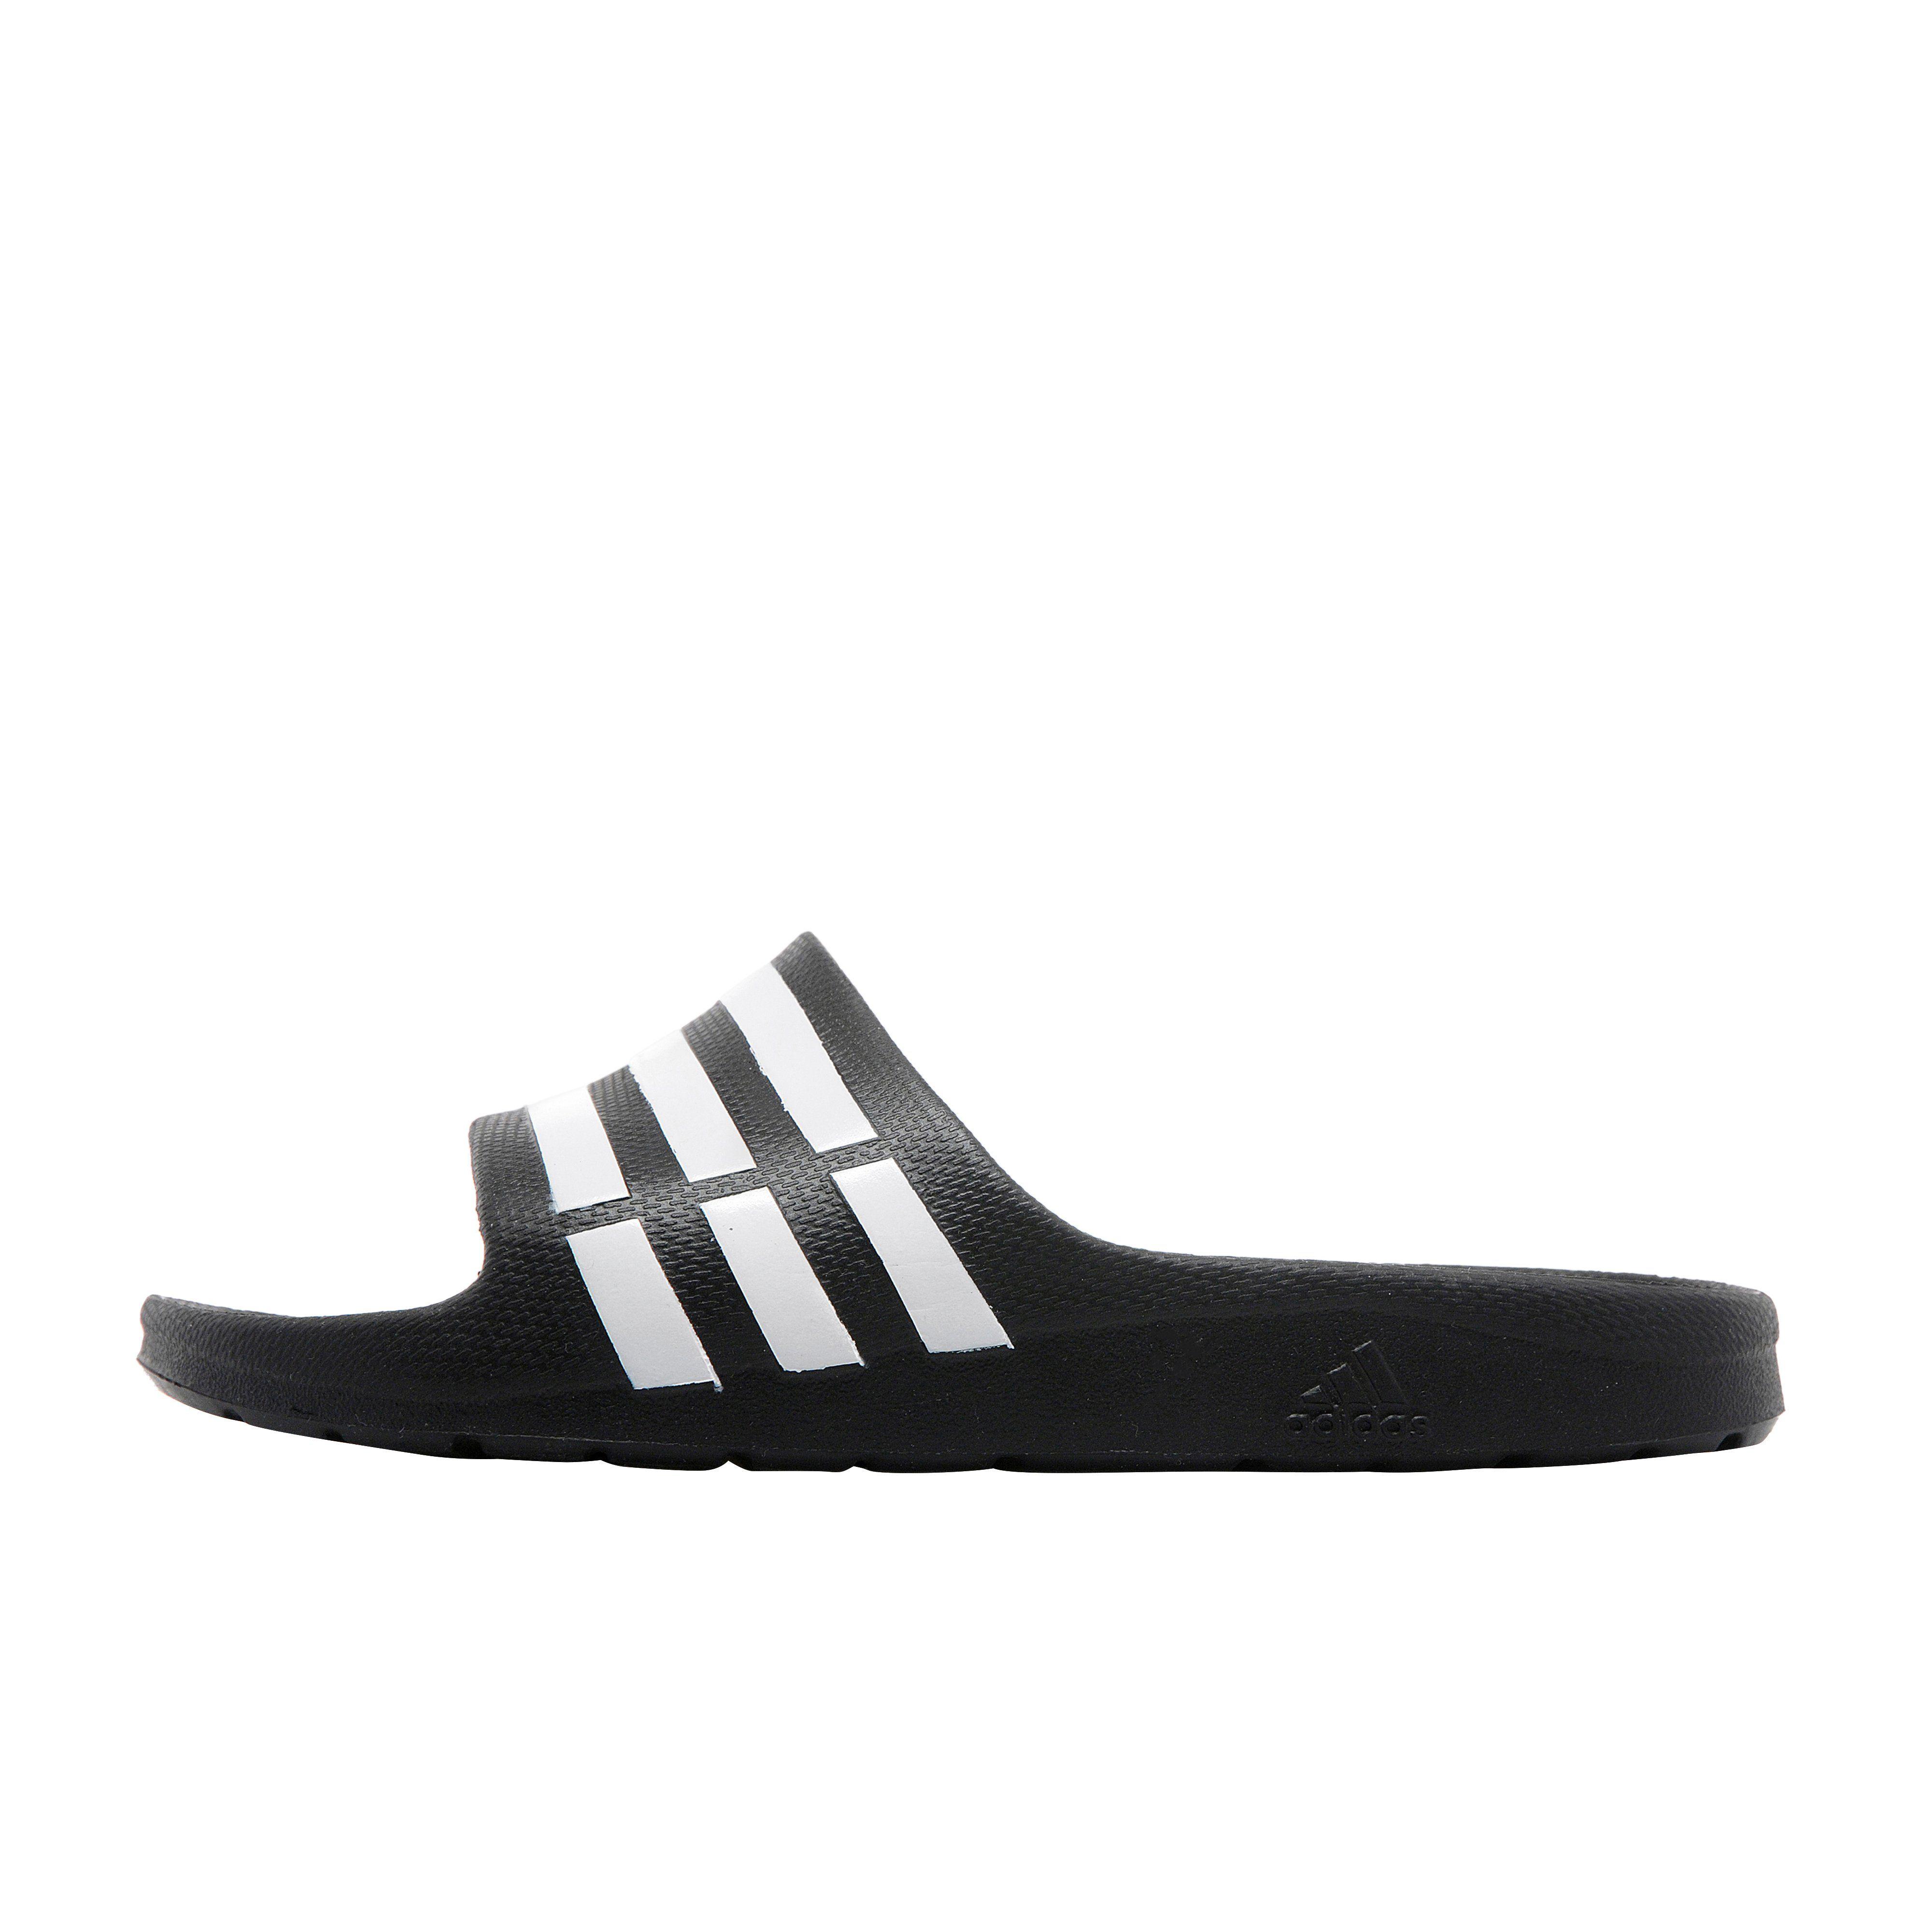 adidas Duramo Childen Slide Sandals